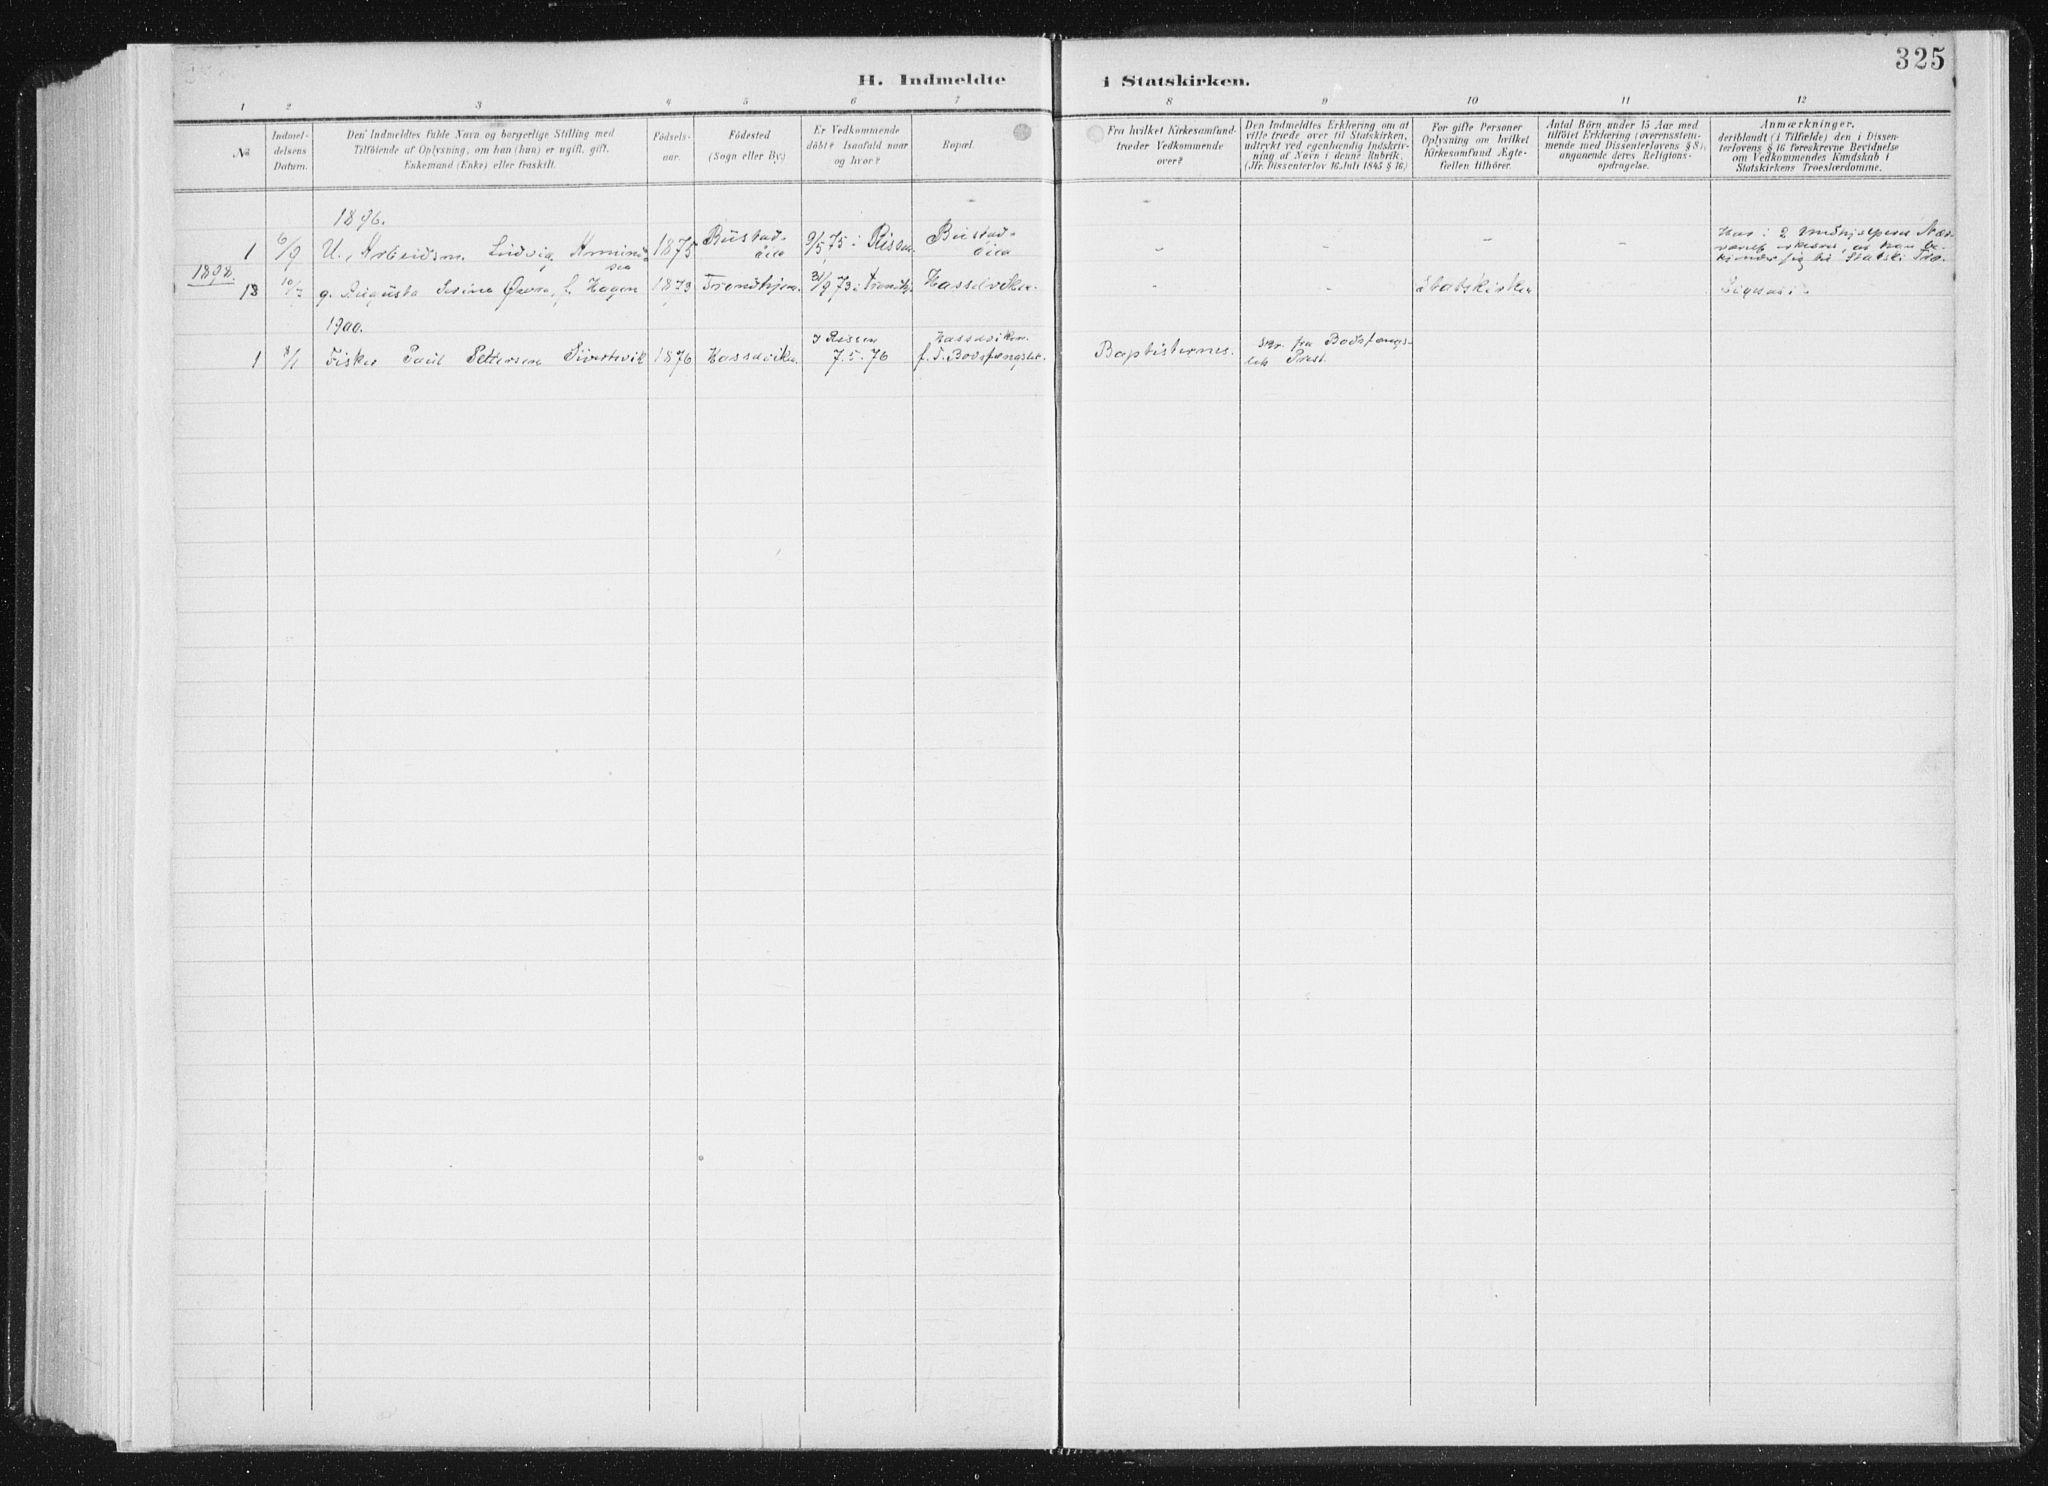 SAT, Ministerialprotokoller, klokkerbøker og fødselsregistre - Sør-Trøndelag, 647/L0635: Ministerialbok nr. 647A02, 1896-1911, s. 325